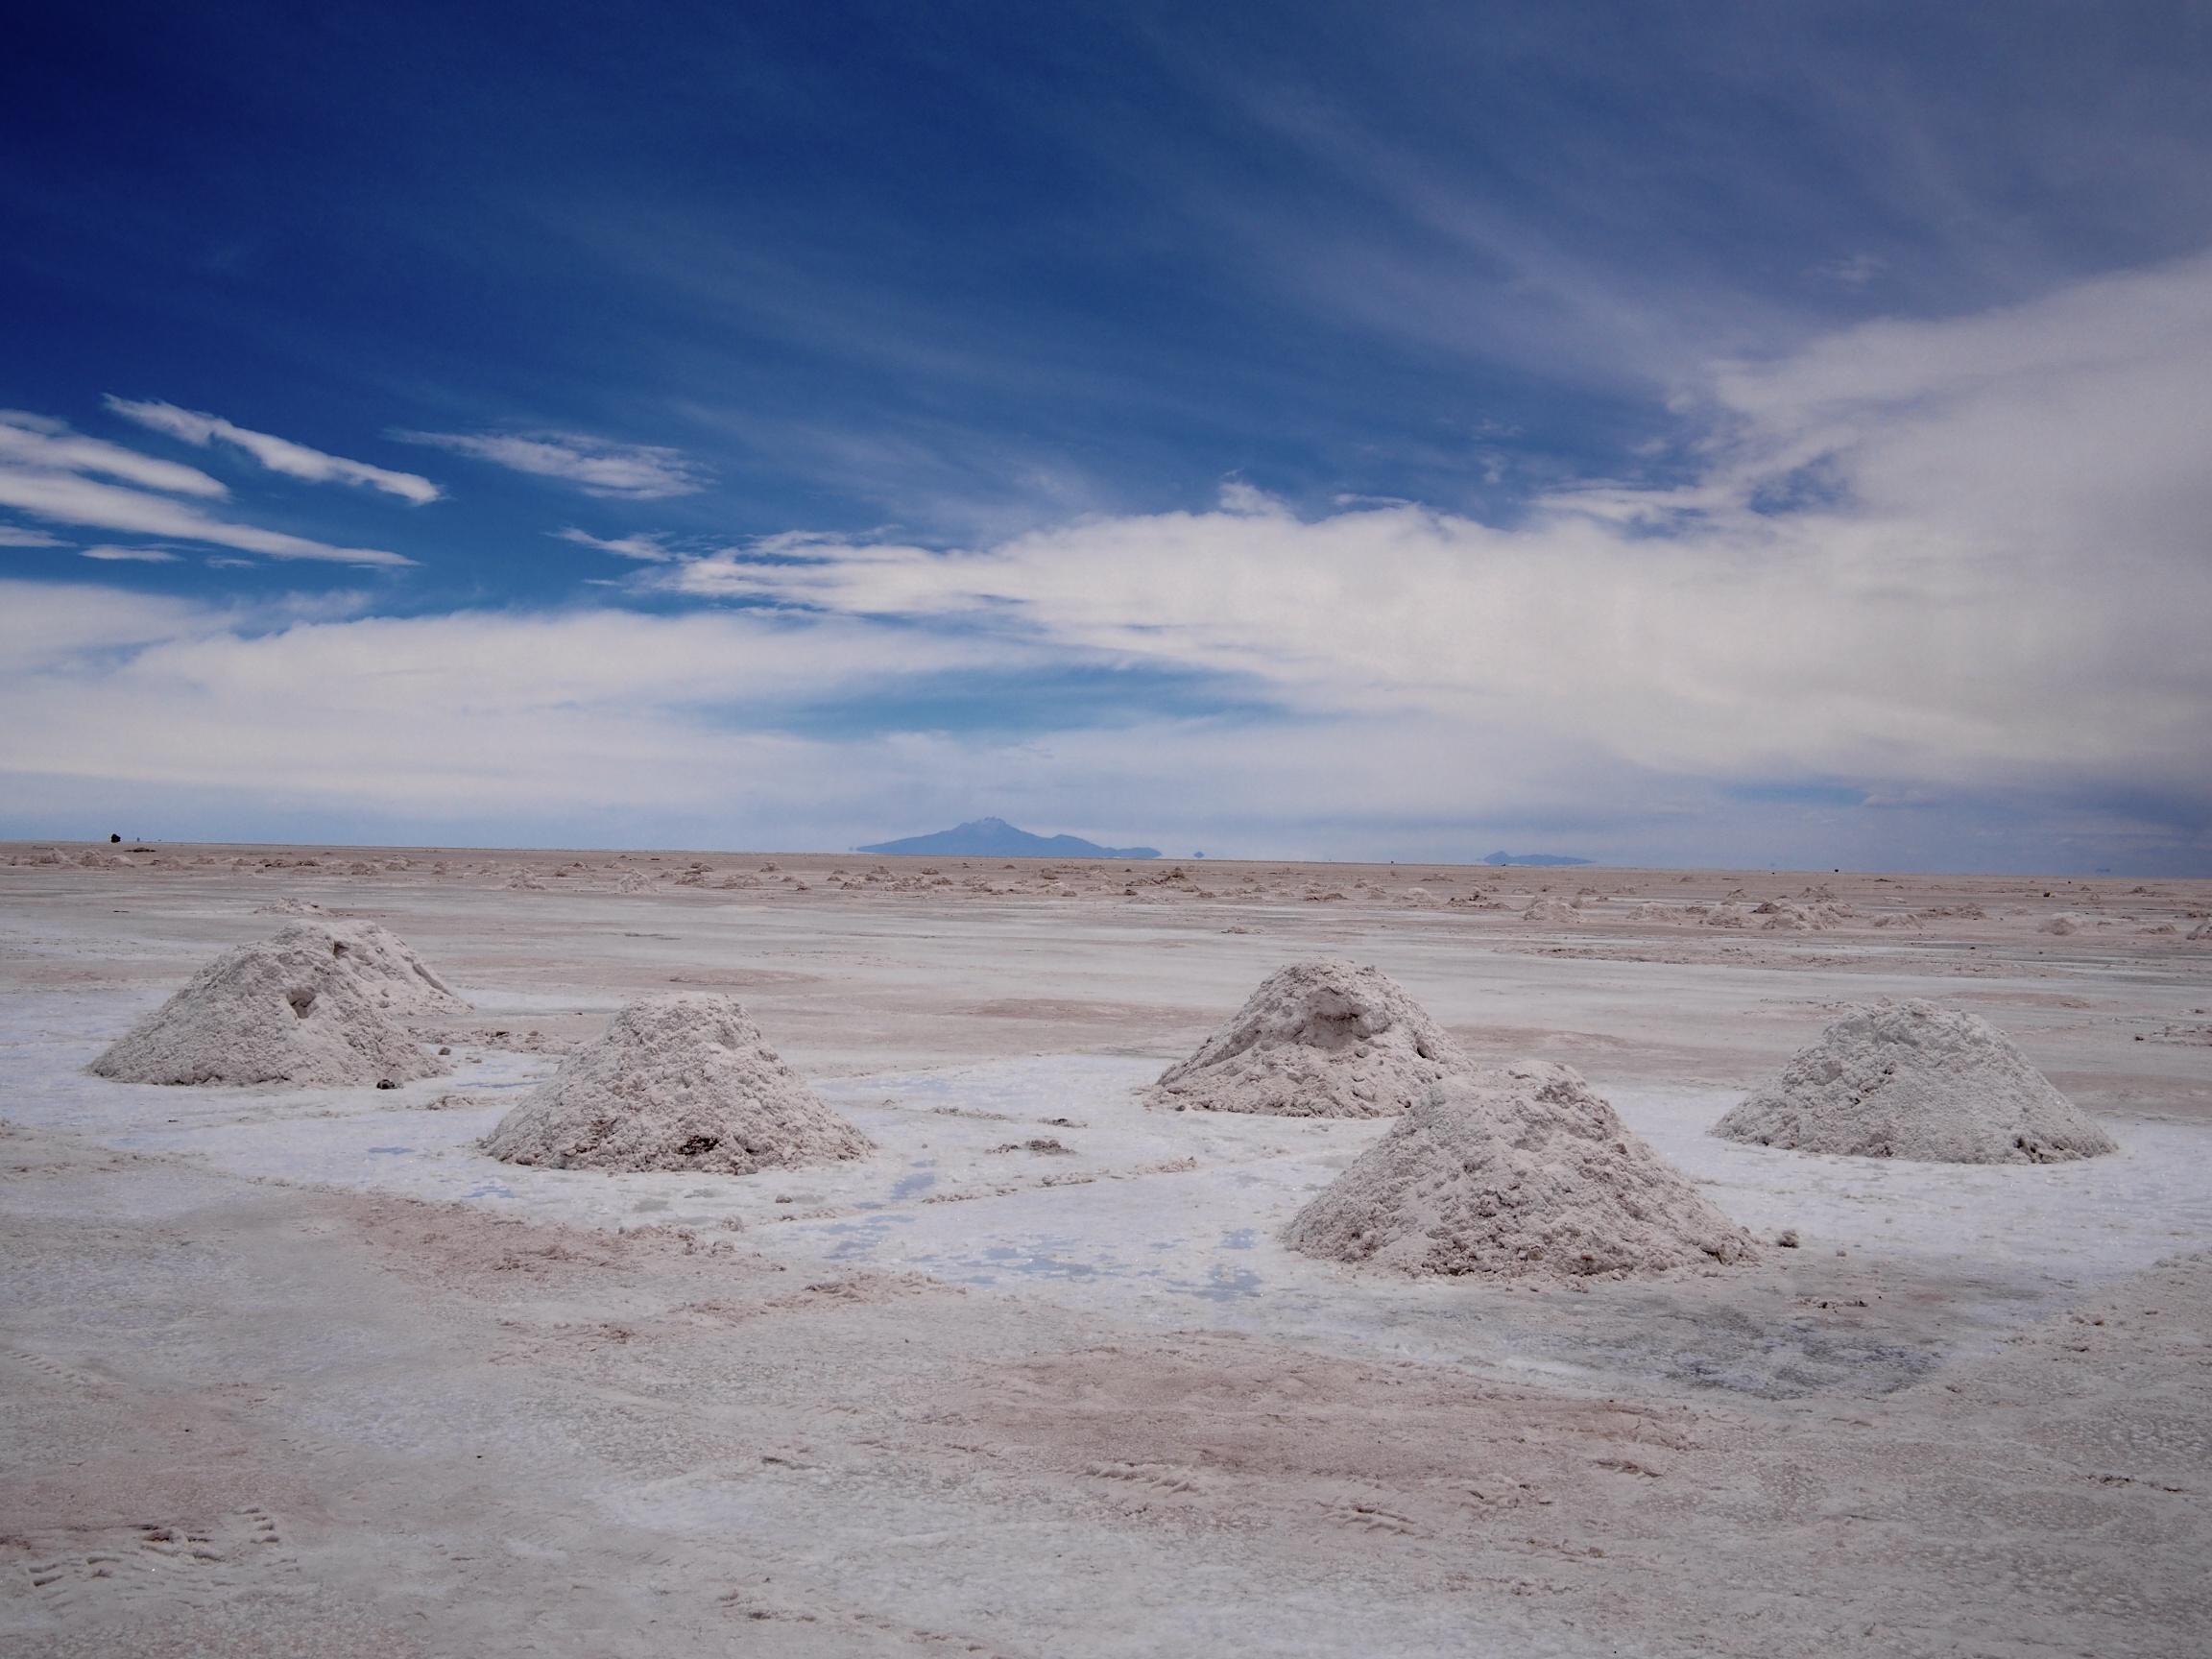 Colchani, Bolivia